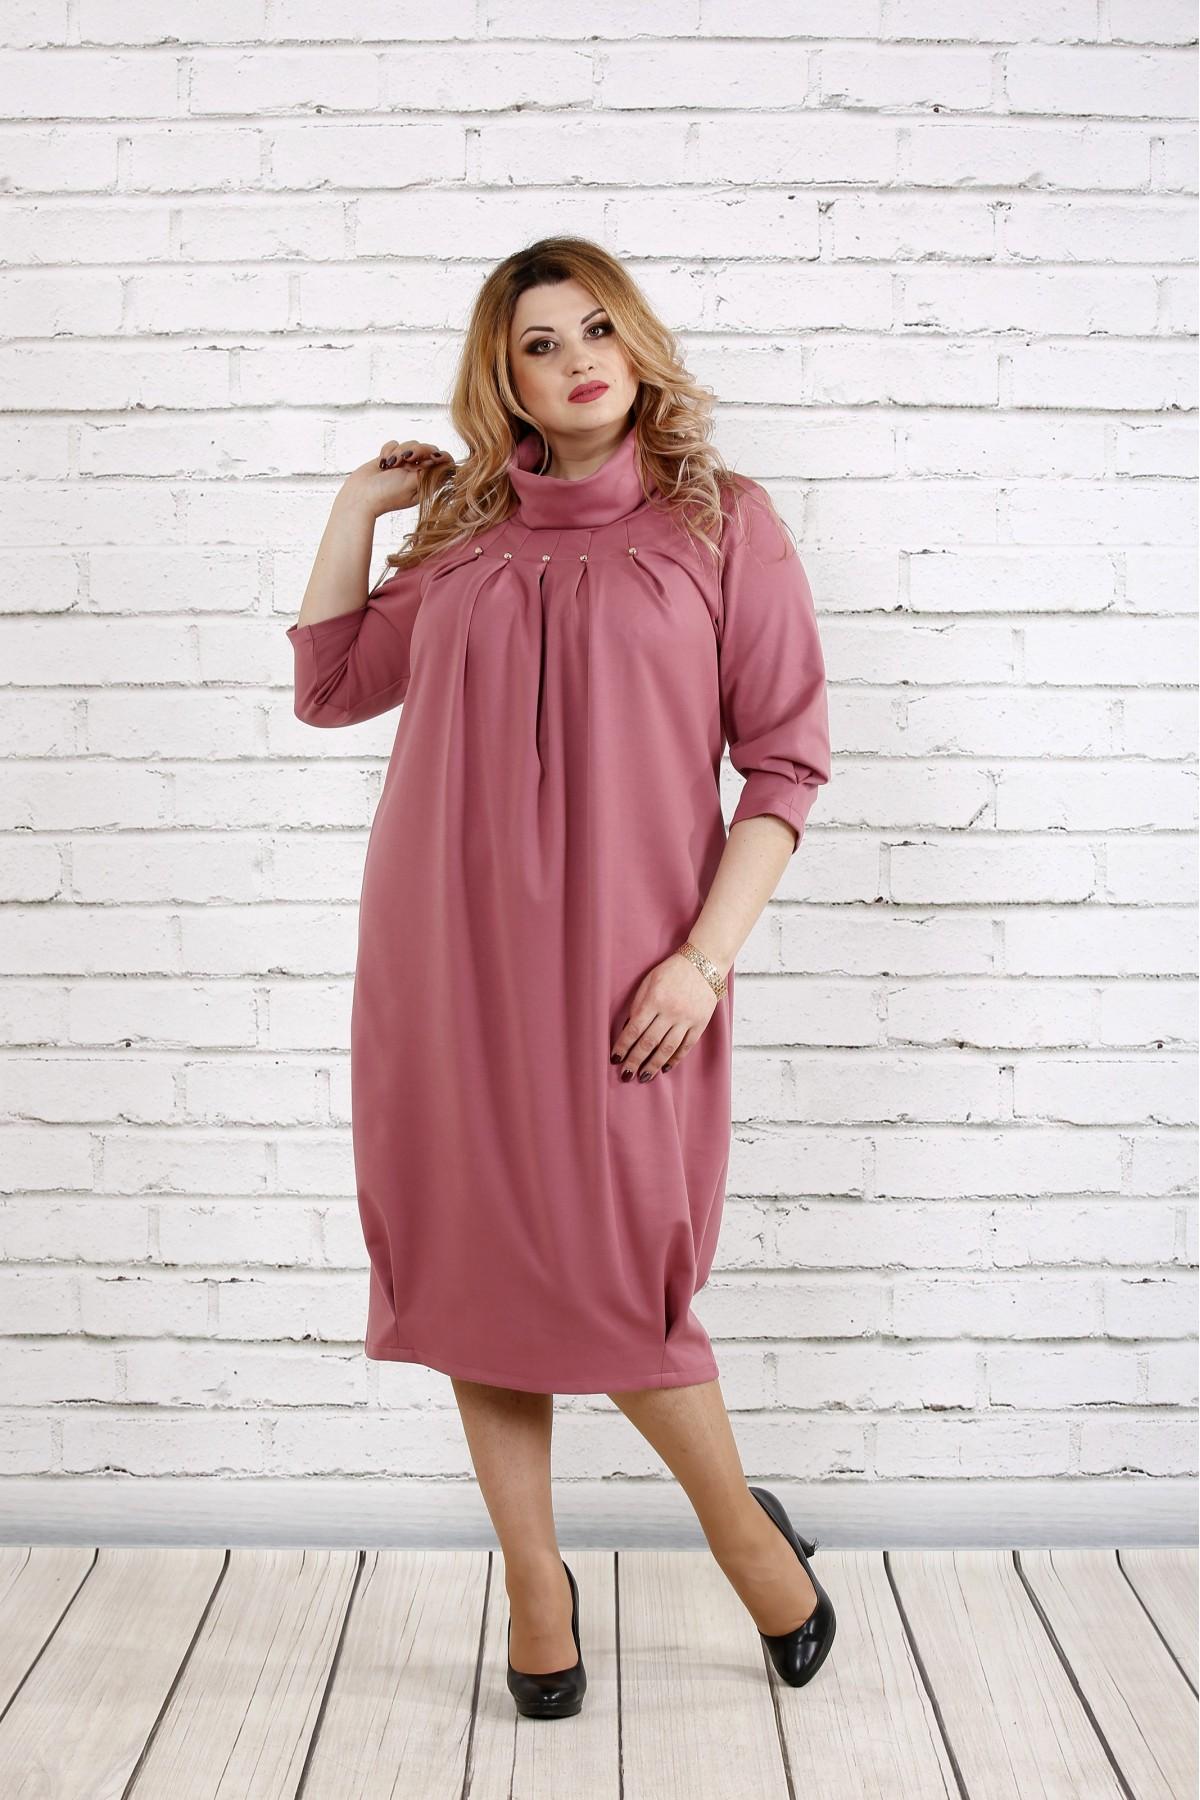 Вільне плаття-мішок фрезия купити недорого  357b0333f0239